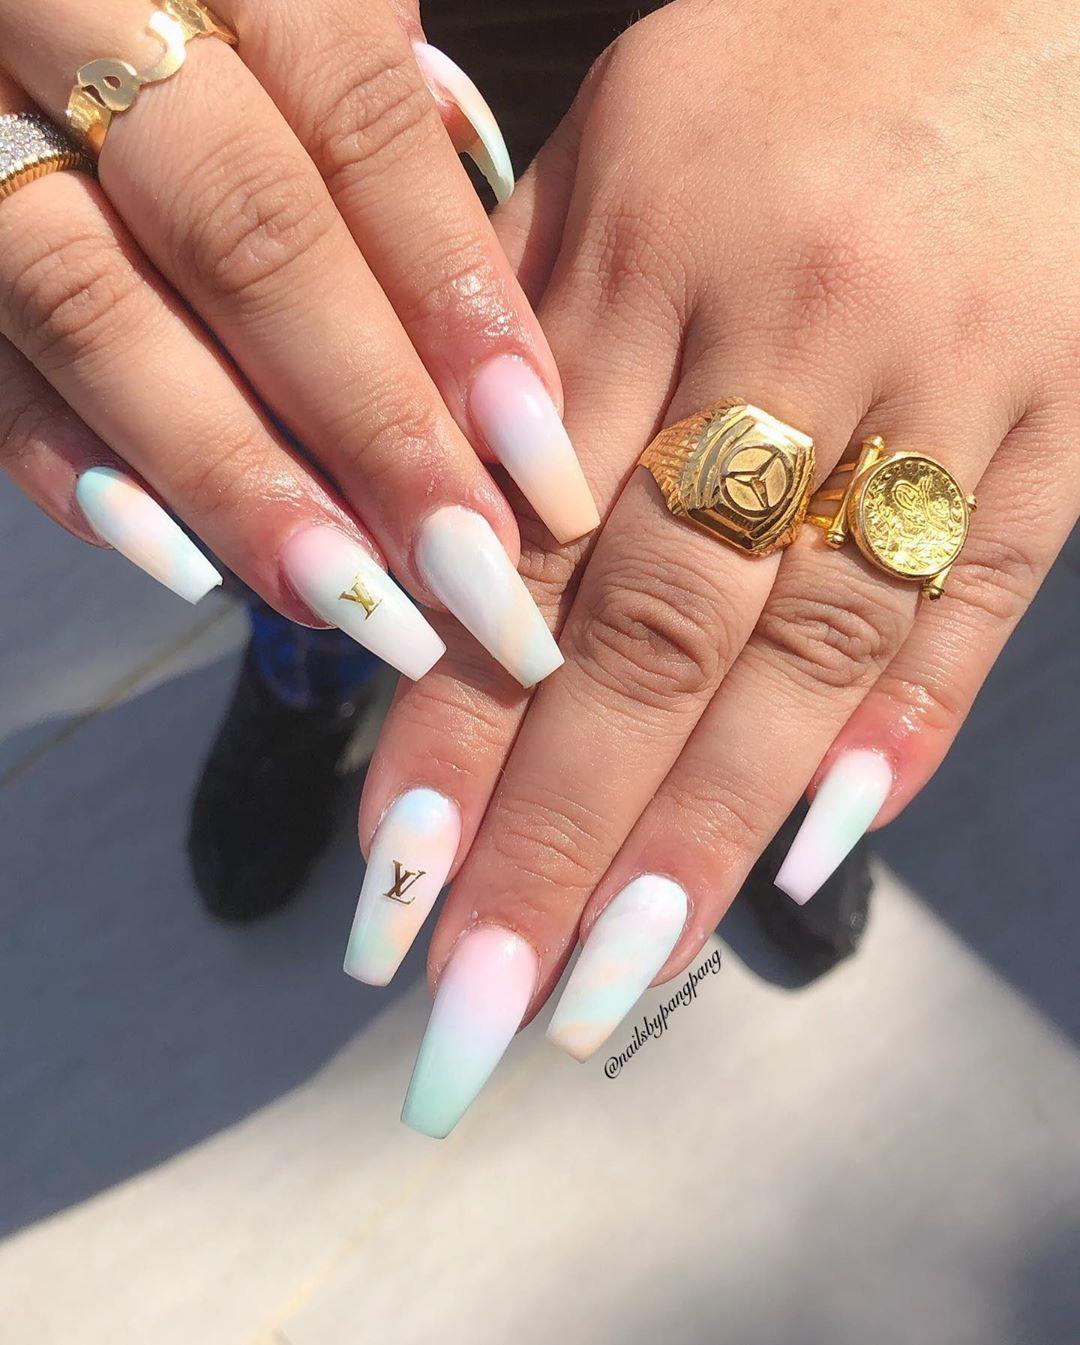 Nail By Pangpang On Instagram Mixed Ombre Nailsbypangpang Croydon Ombrenails Glitternailsdesign Londonnails Acrylicnails Nails Beauty Nails